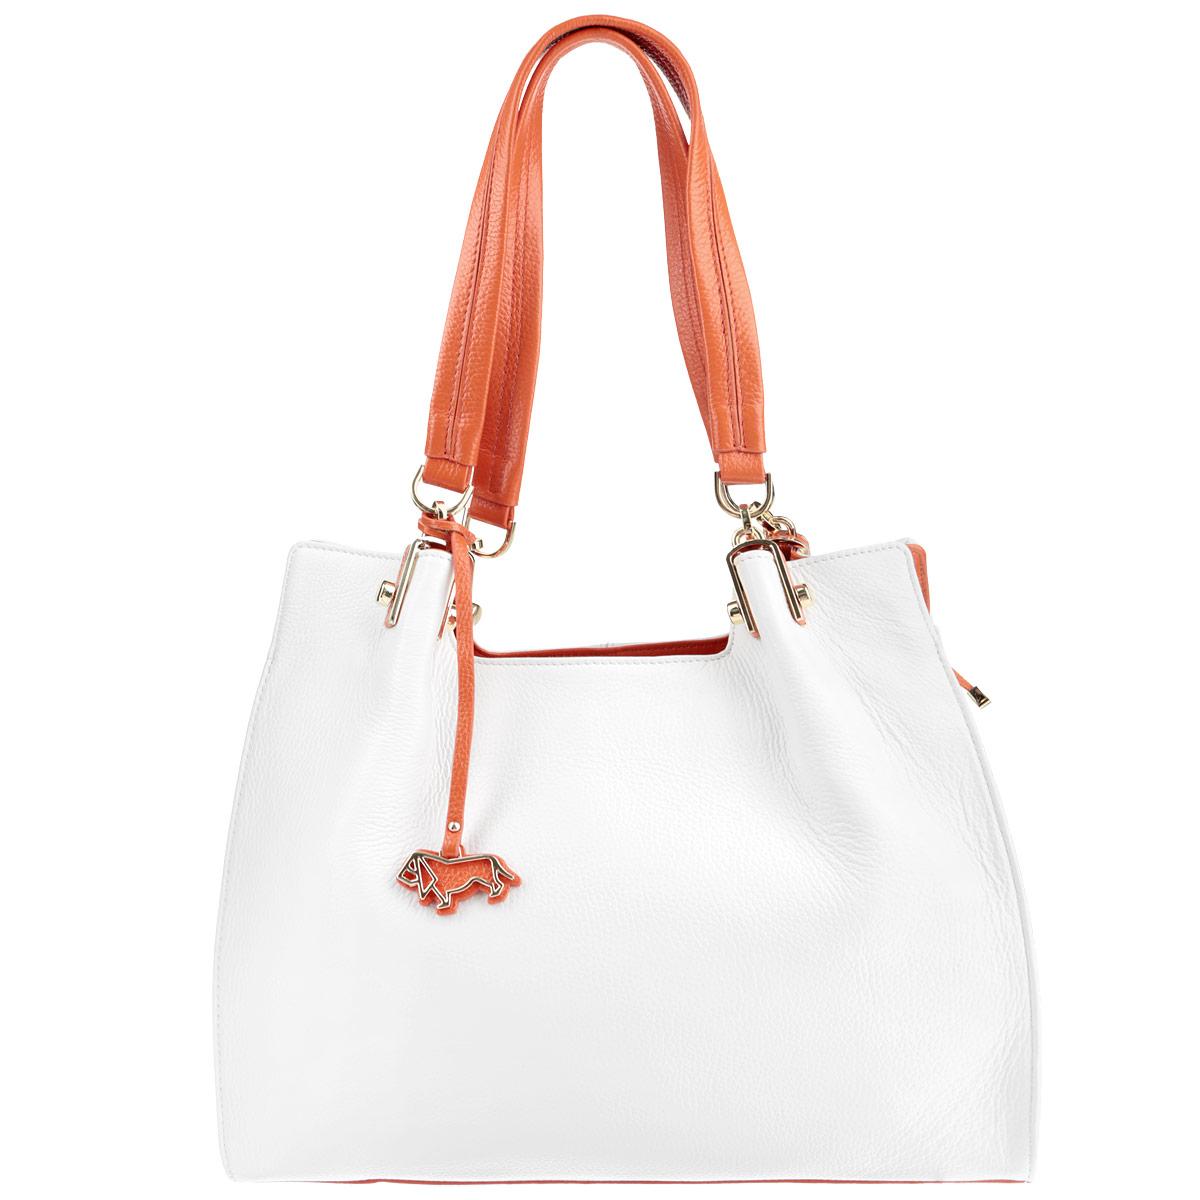 Сумка женская Labbra, цвет: белый, оранжевый. L-L9997-1L-L9997-1Элегантная женская сумка Labbra выполнена из натуральной кожи и дополнена оригинальной металлической подвеской с логотипом бренда. Изделие содержит одно основное отделение, закрывающееся на молнию, разделенное пополам карманом-средником на молнии. Внутри - врезной карман на молнии и два накладных кармашка для мобильного телефона и различных мелочей. На тыльной стороне сумки размещен врезной карман на молнии. Модель оснащена двумя удобными ручками, которые дополнены оригинальными металлическими элементами. Дно сумки оснащено металлическими ножками, которые дополнительно защитят изделие от повреждений. Стильная сумка позволит вам подчеркнуть свою индивидуальность, и сделает ваш образ изысканным и завершенным.